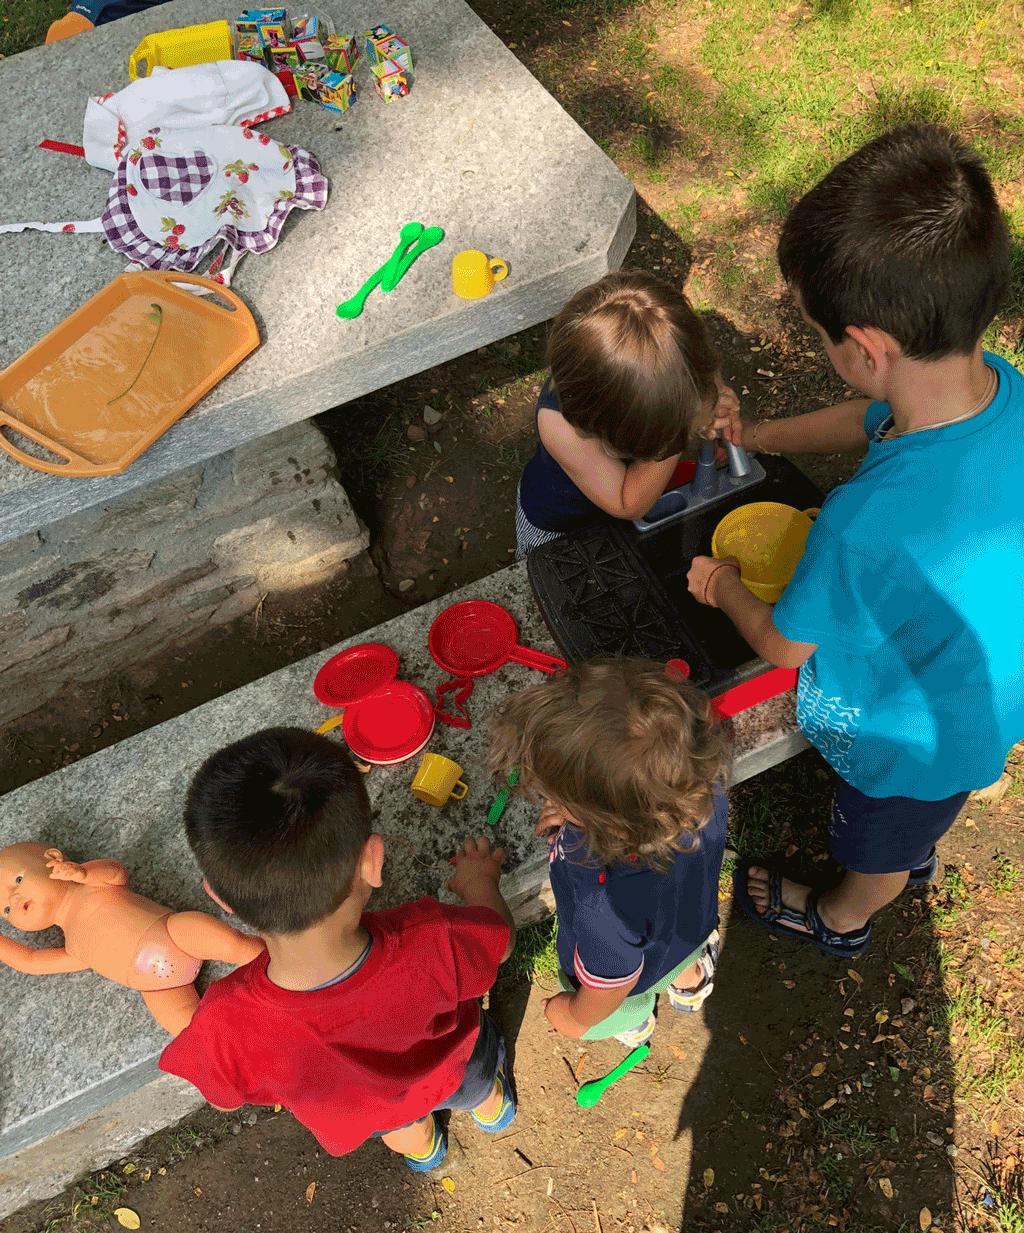 Ludoteca al parco di Castellar per bambini e ragazzi dai 3 ai 13 anni